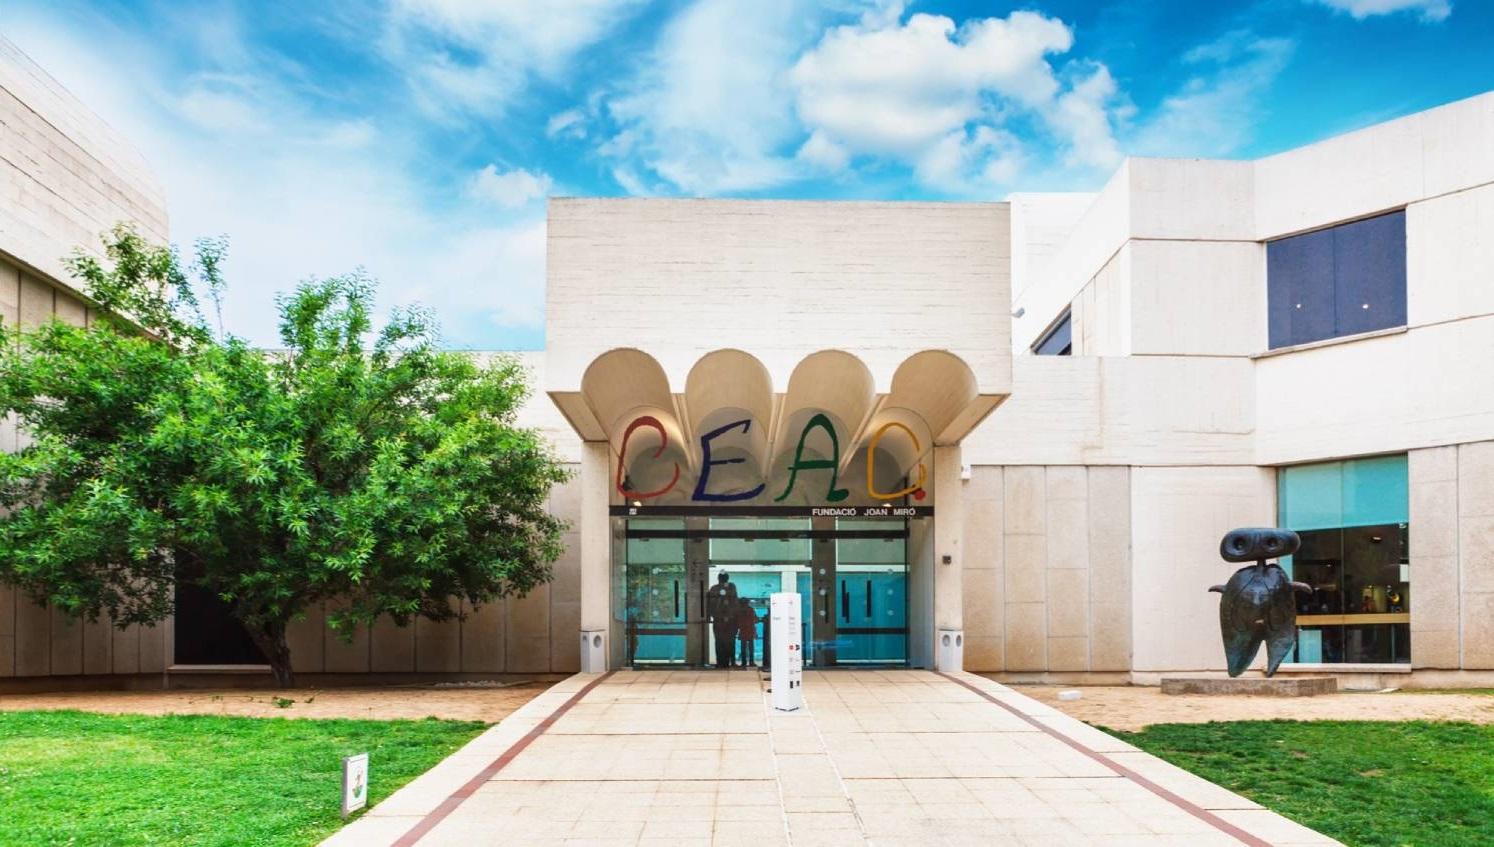 Joan Miro Museum (Fundacio Joan Miro) - Things To Do In Barcelona